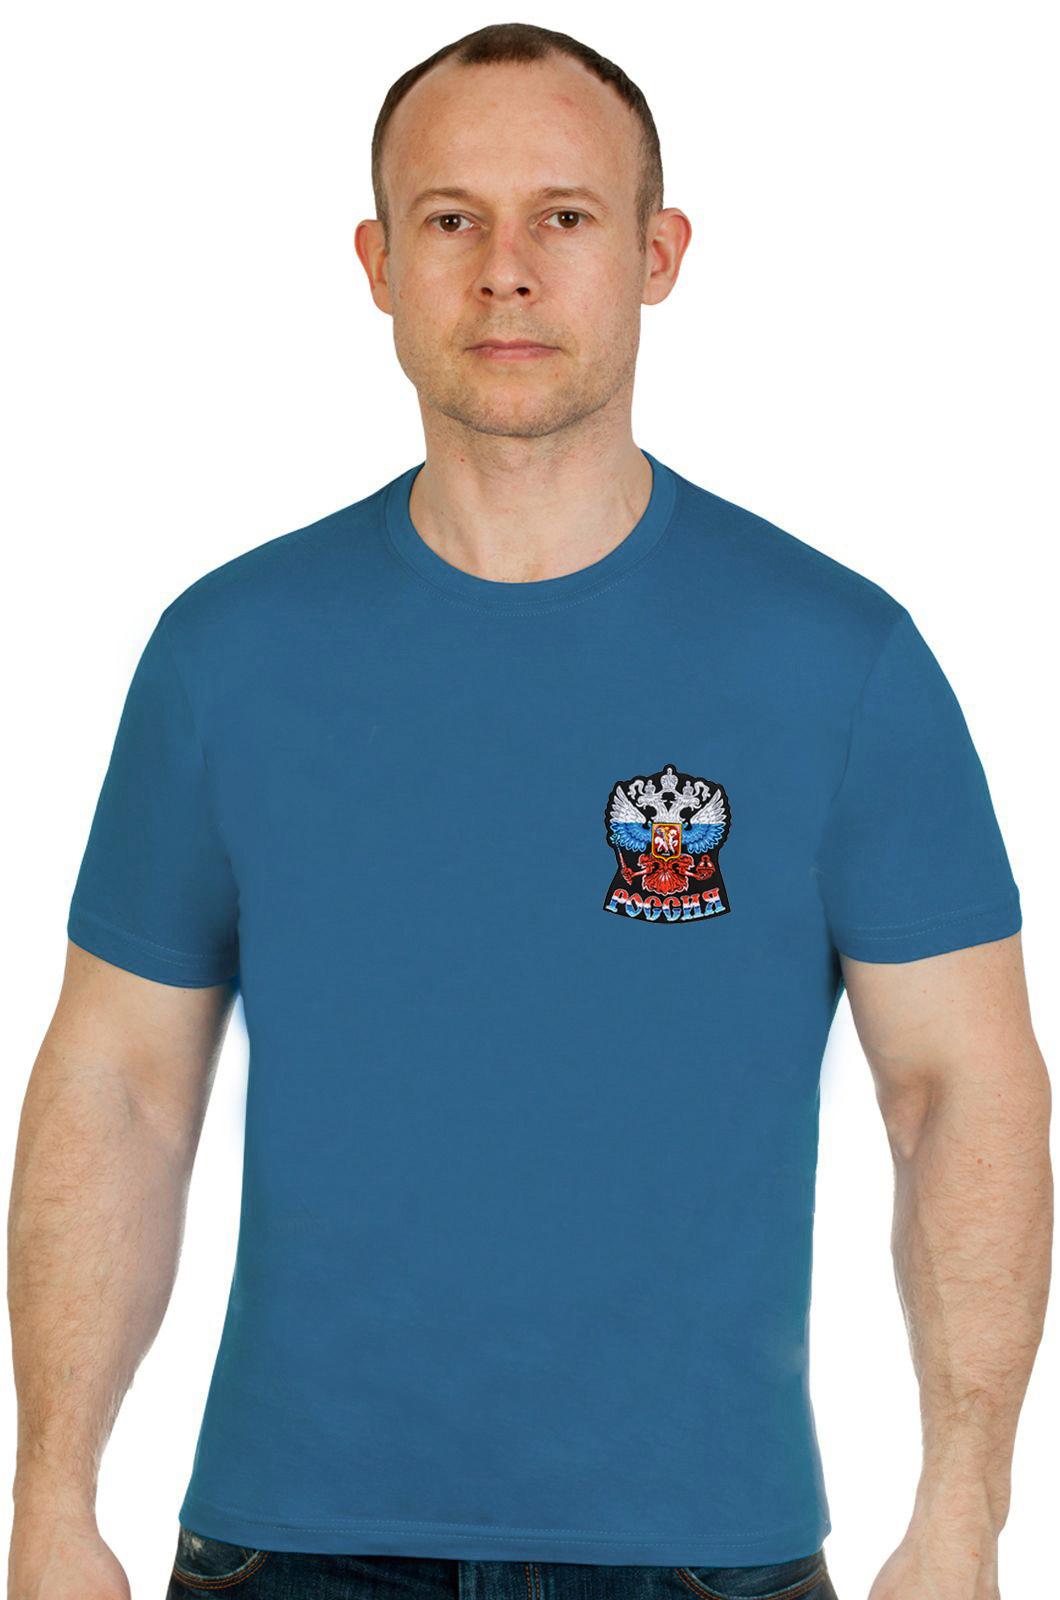 Купить хлопковую сине-зеленую футболку с вышитым Гербом России оптом или в розницу